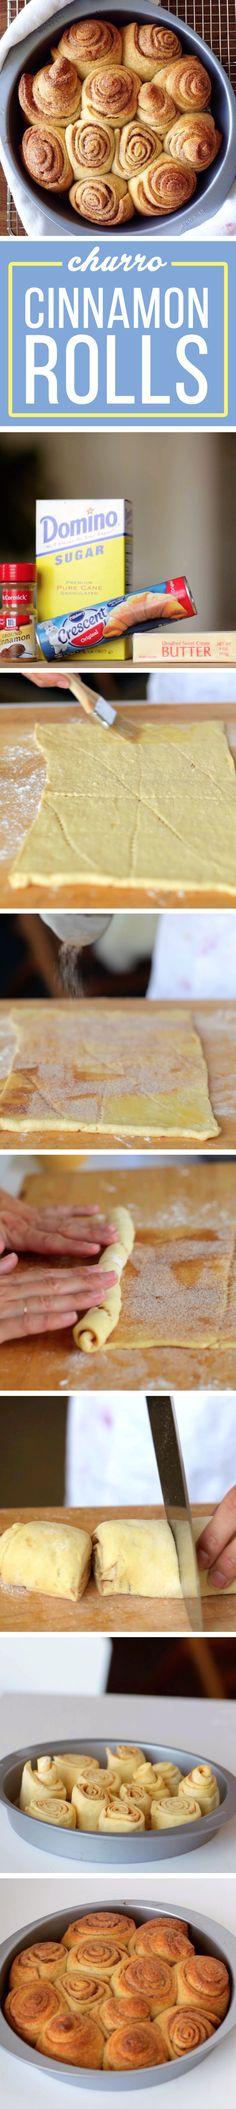 These 4-Ingredient Cinnamon Rolls Taste Exactly Like Churros Allez voir le site plusieurs recettes facile a faire et surement délicieuses